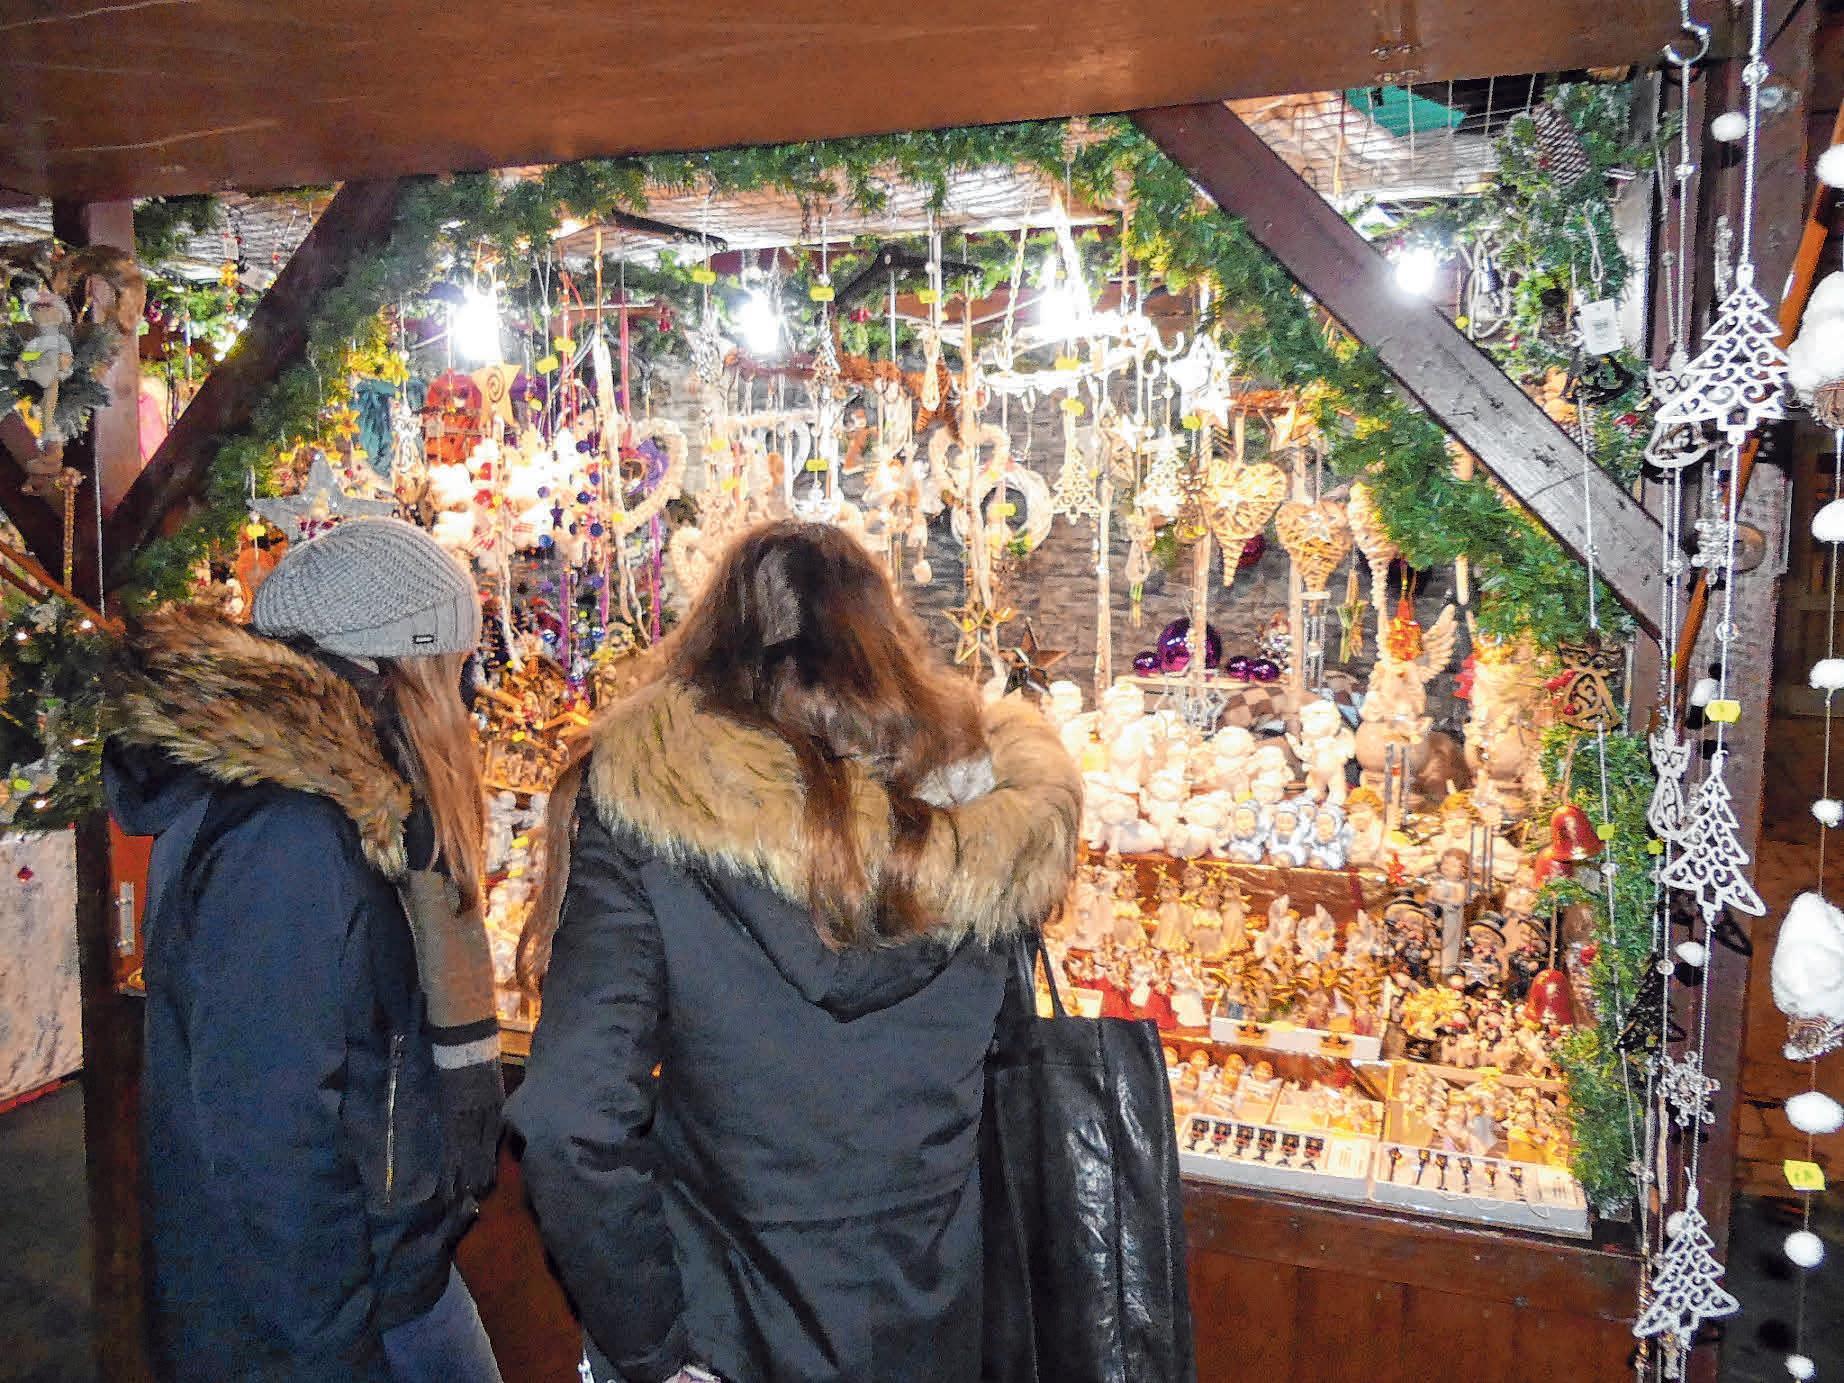 An den Ständen wird viel Weihnachtliches angeboten. FOTO: BURGHART